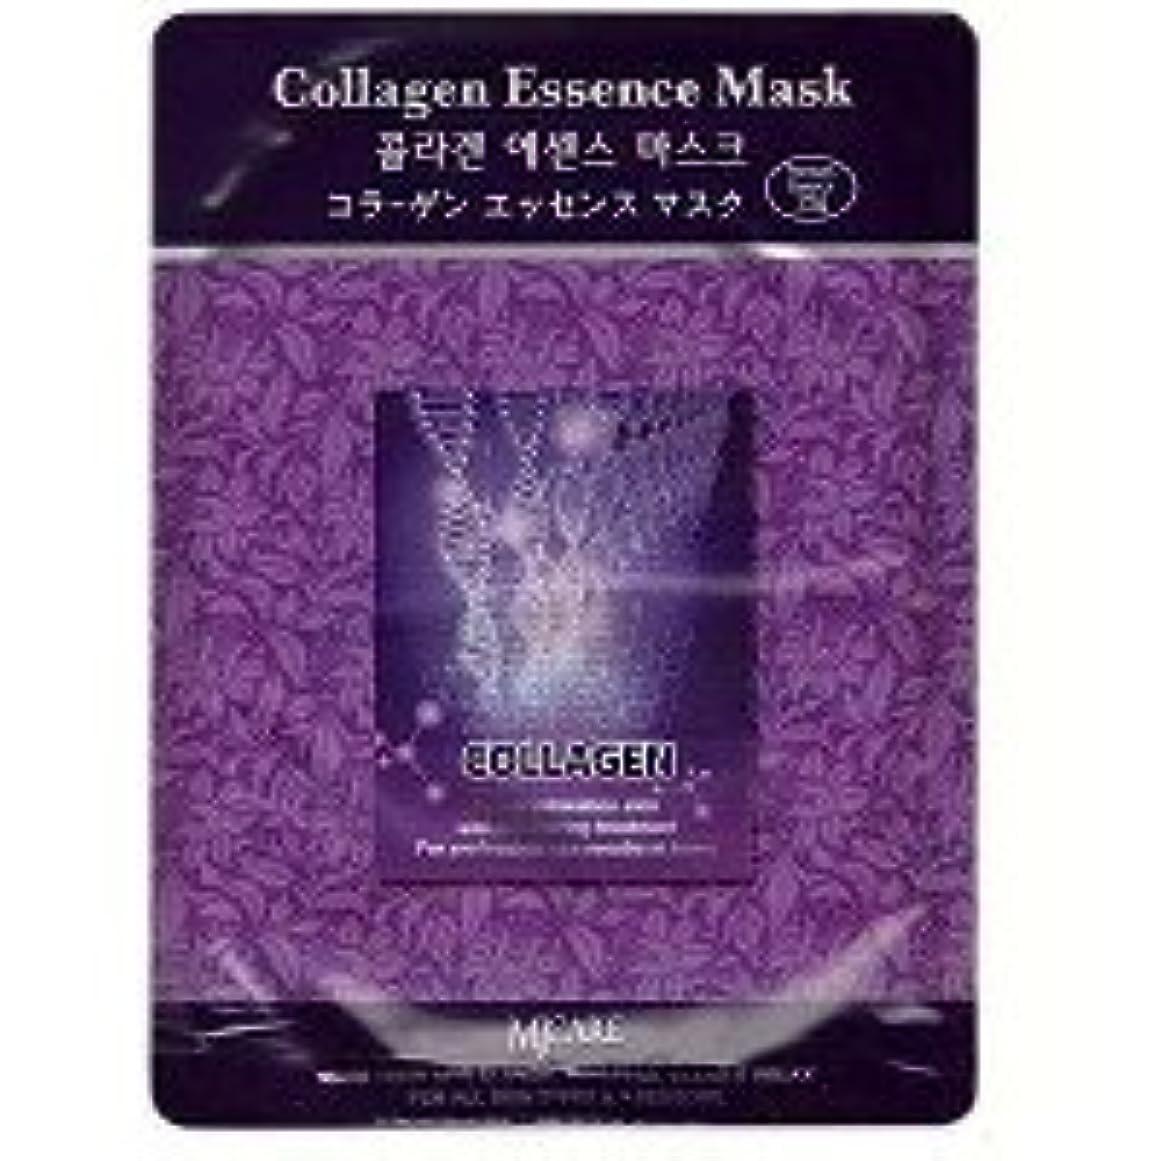 閉塞採用する深さMIJIN MJ-CARE コラーゲン エッセンスマスク 23g 1枚入り